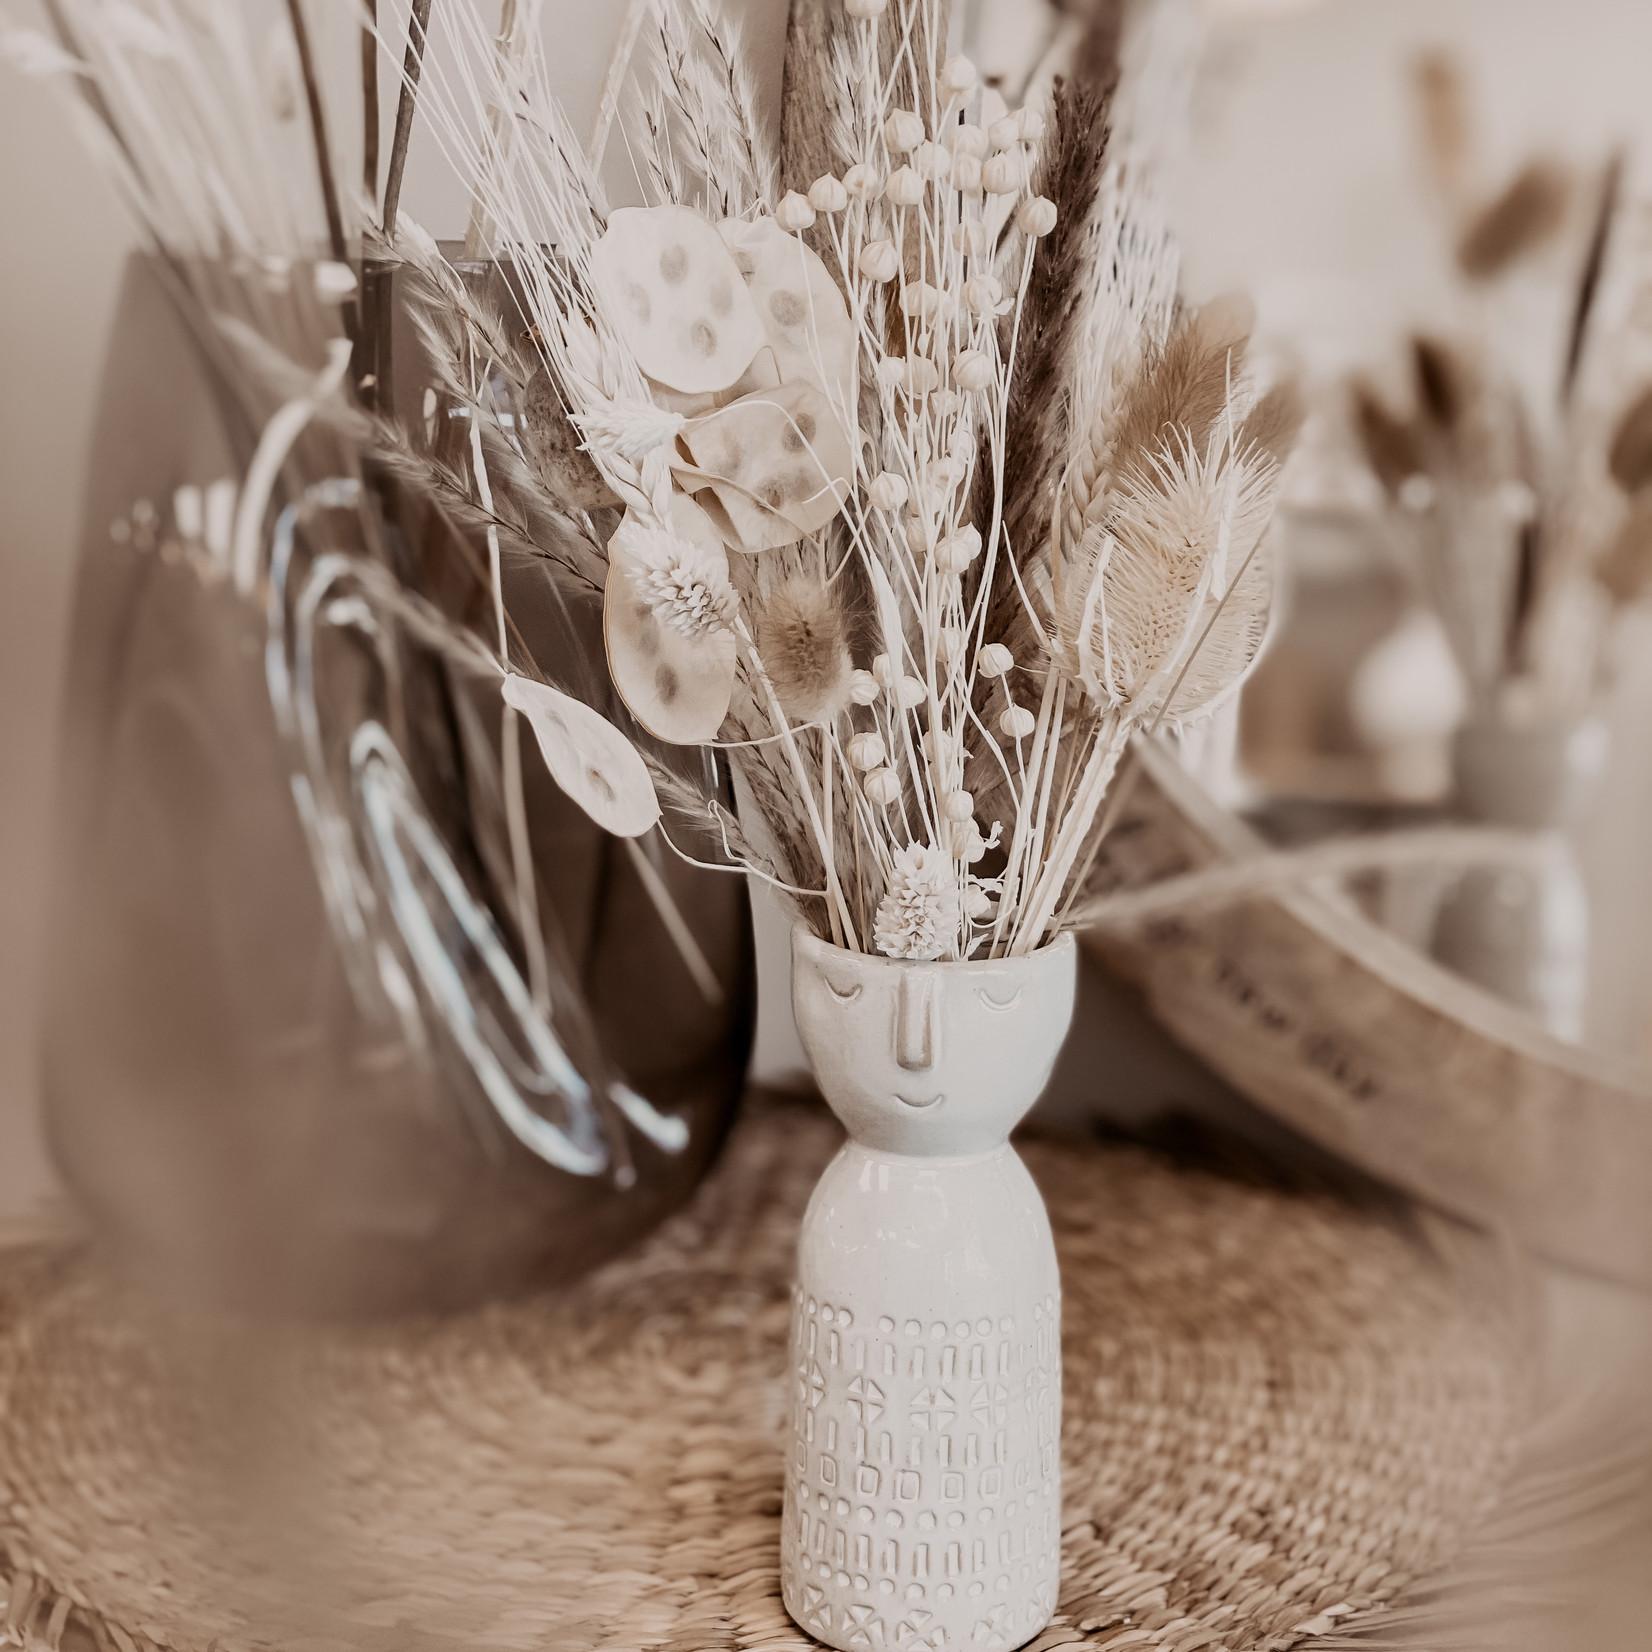 HBX Mini Trockenblumen Bouquet Natur